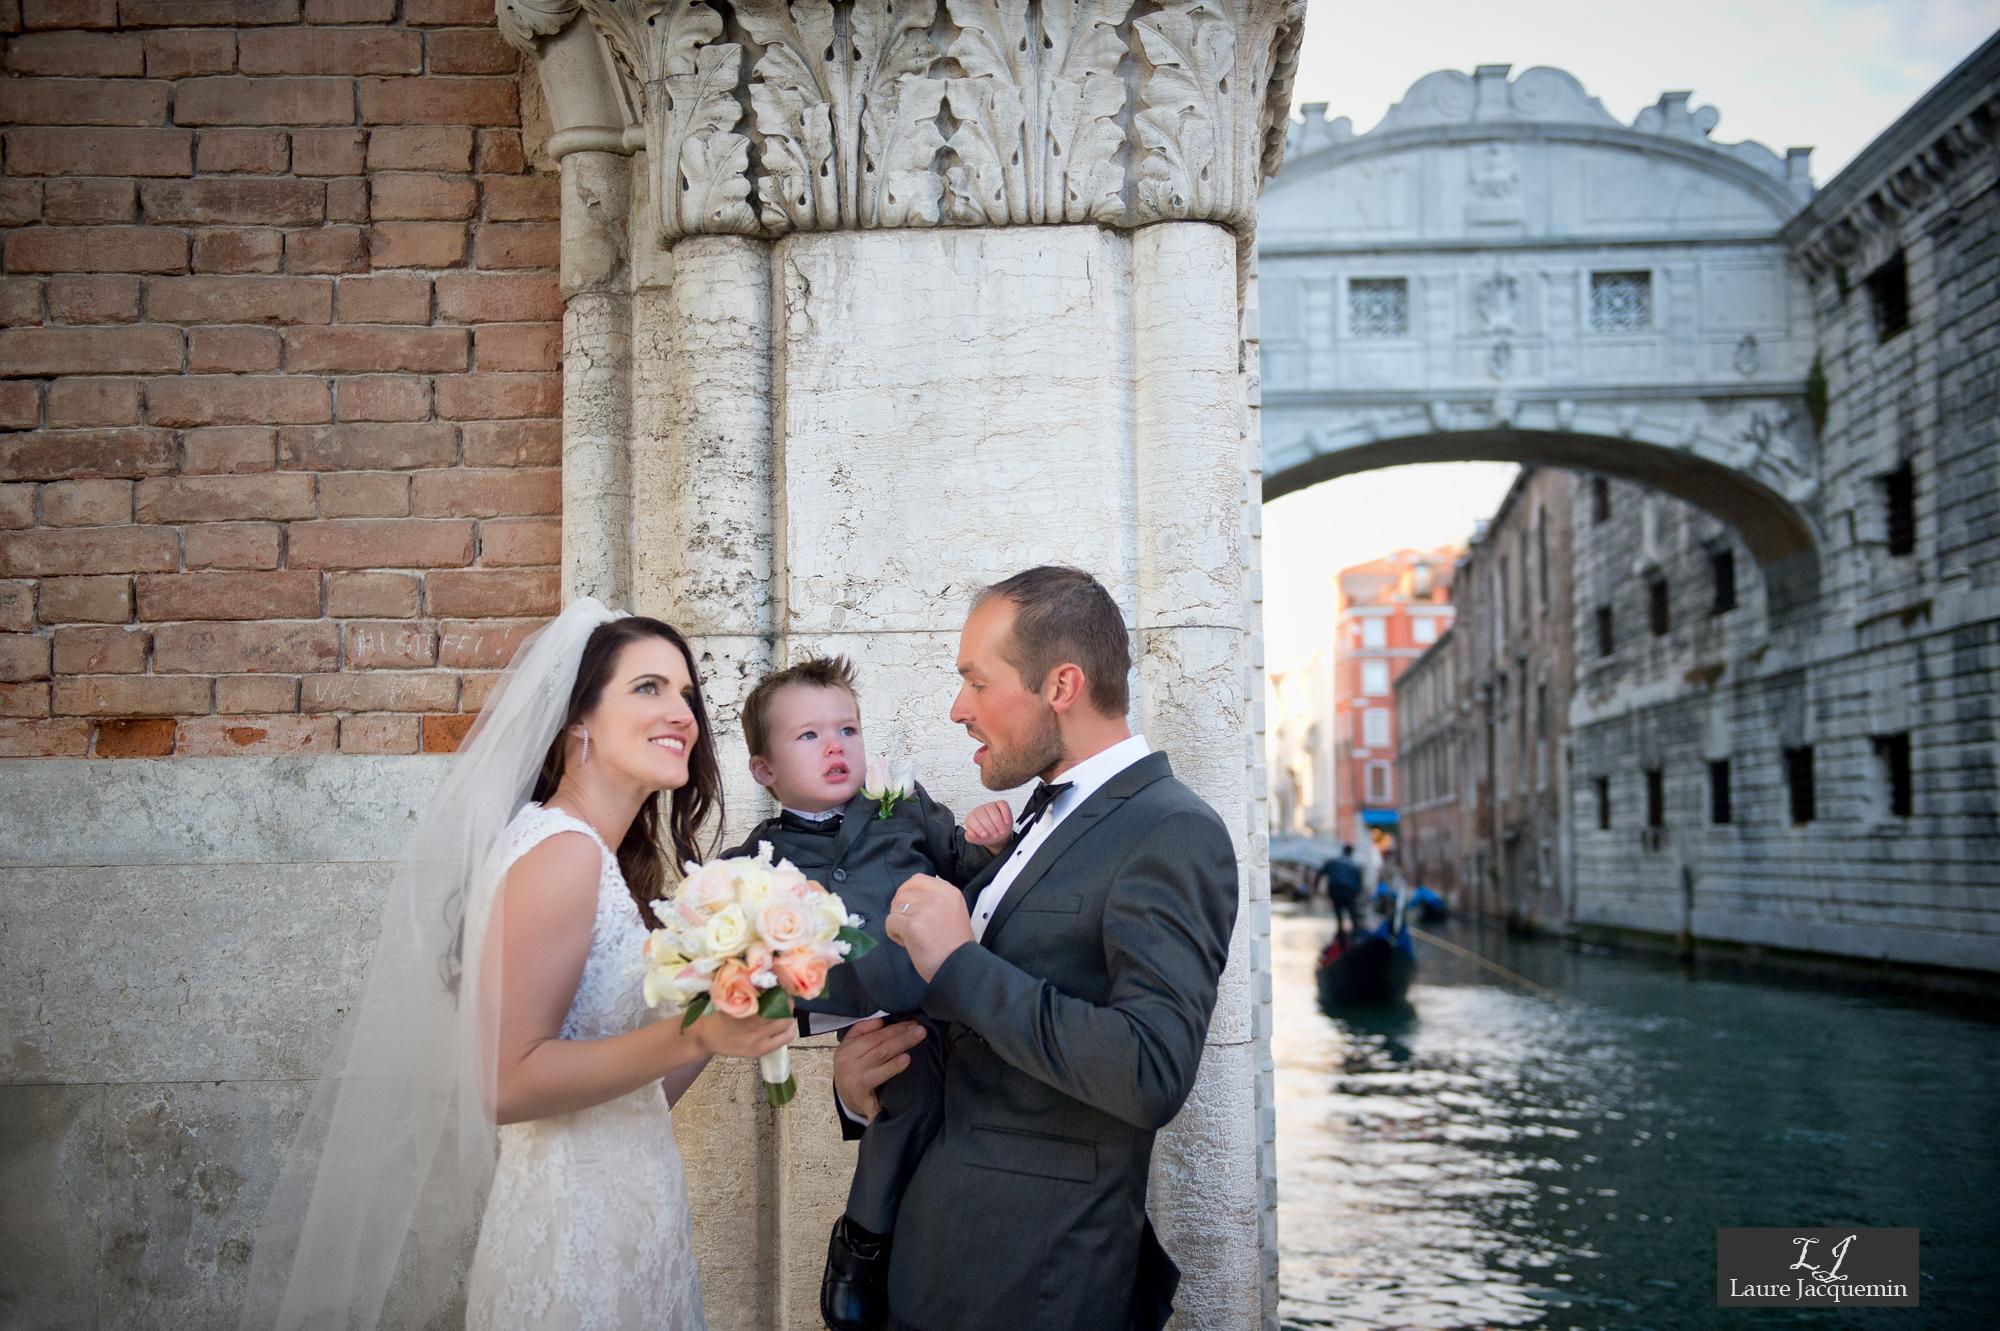 photographe mariage laure jacquemin palazzo cavalli service photographique (92)